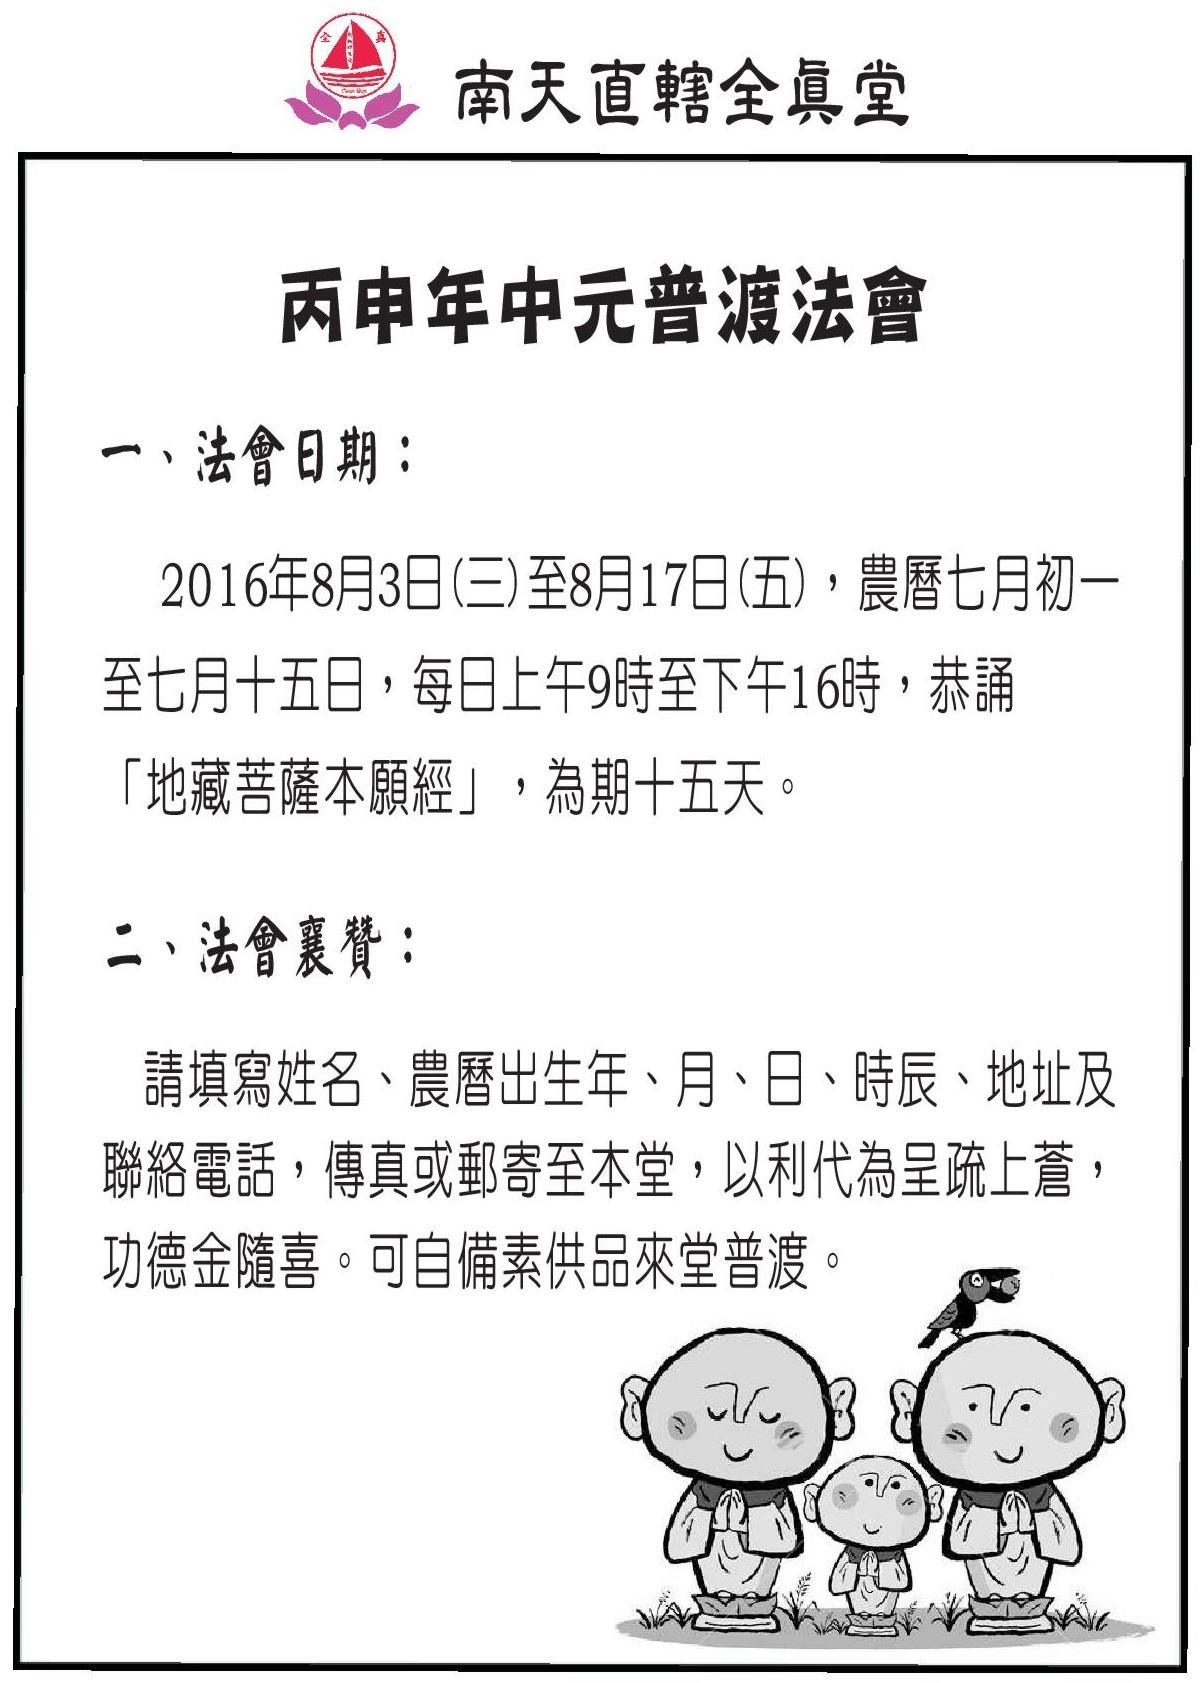 2016年中元普渡法會公告(灰階).jpg